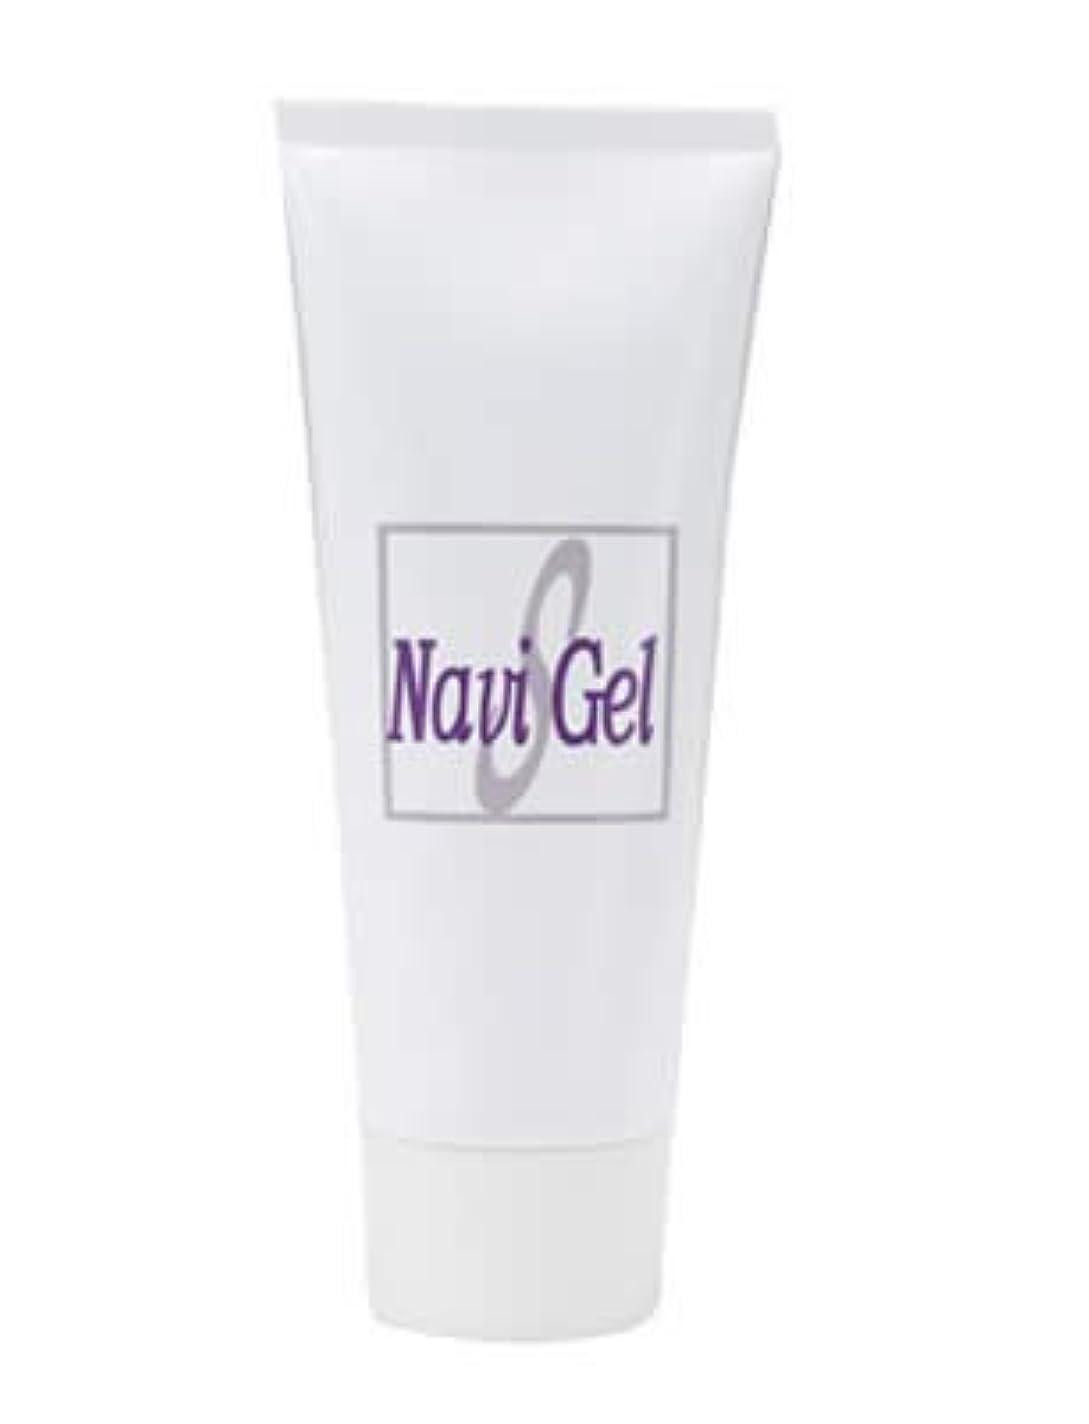 実験インレイダーベビルのテスナビジェル 美顔器ジェル 潤滑ジェル EMS機器などを使用する時に効果を出やすくする 美容ジェル